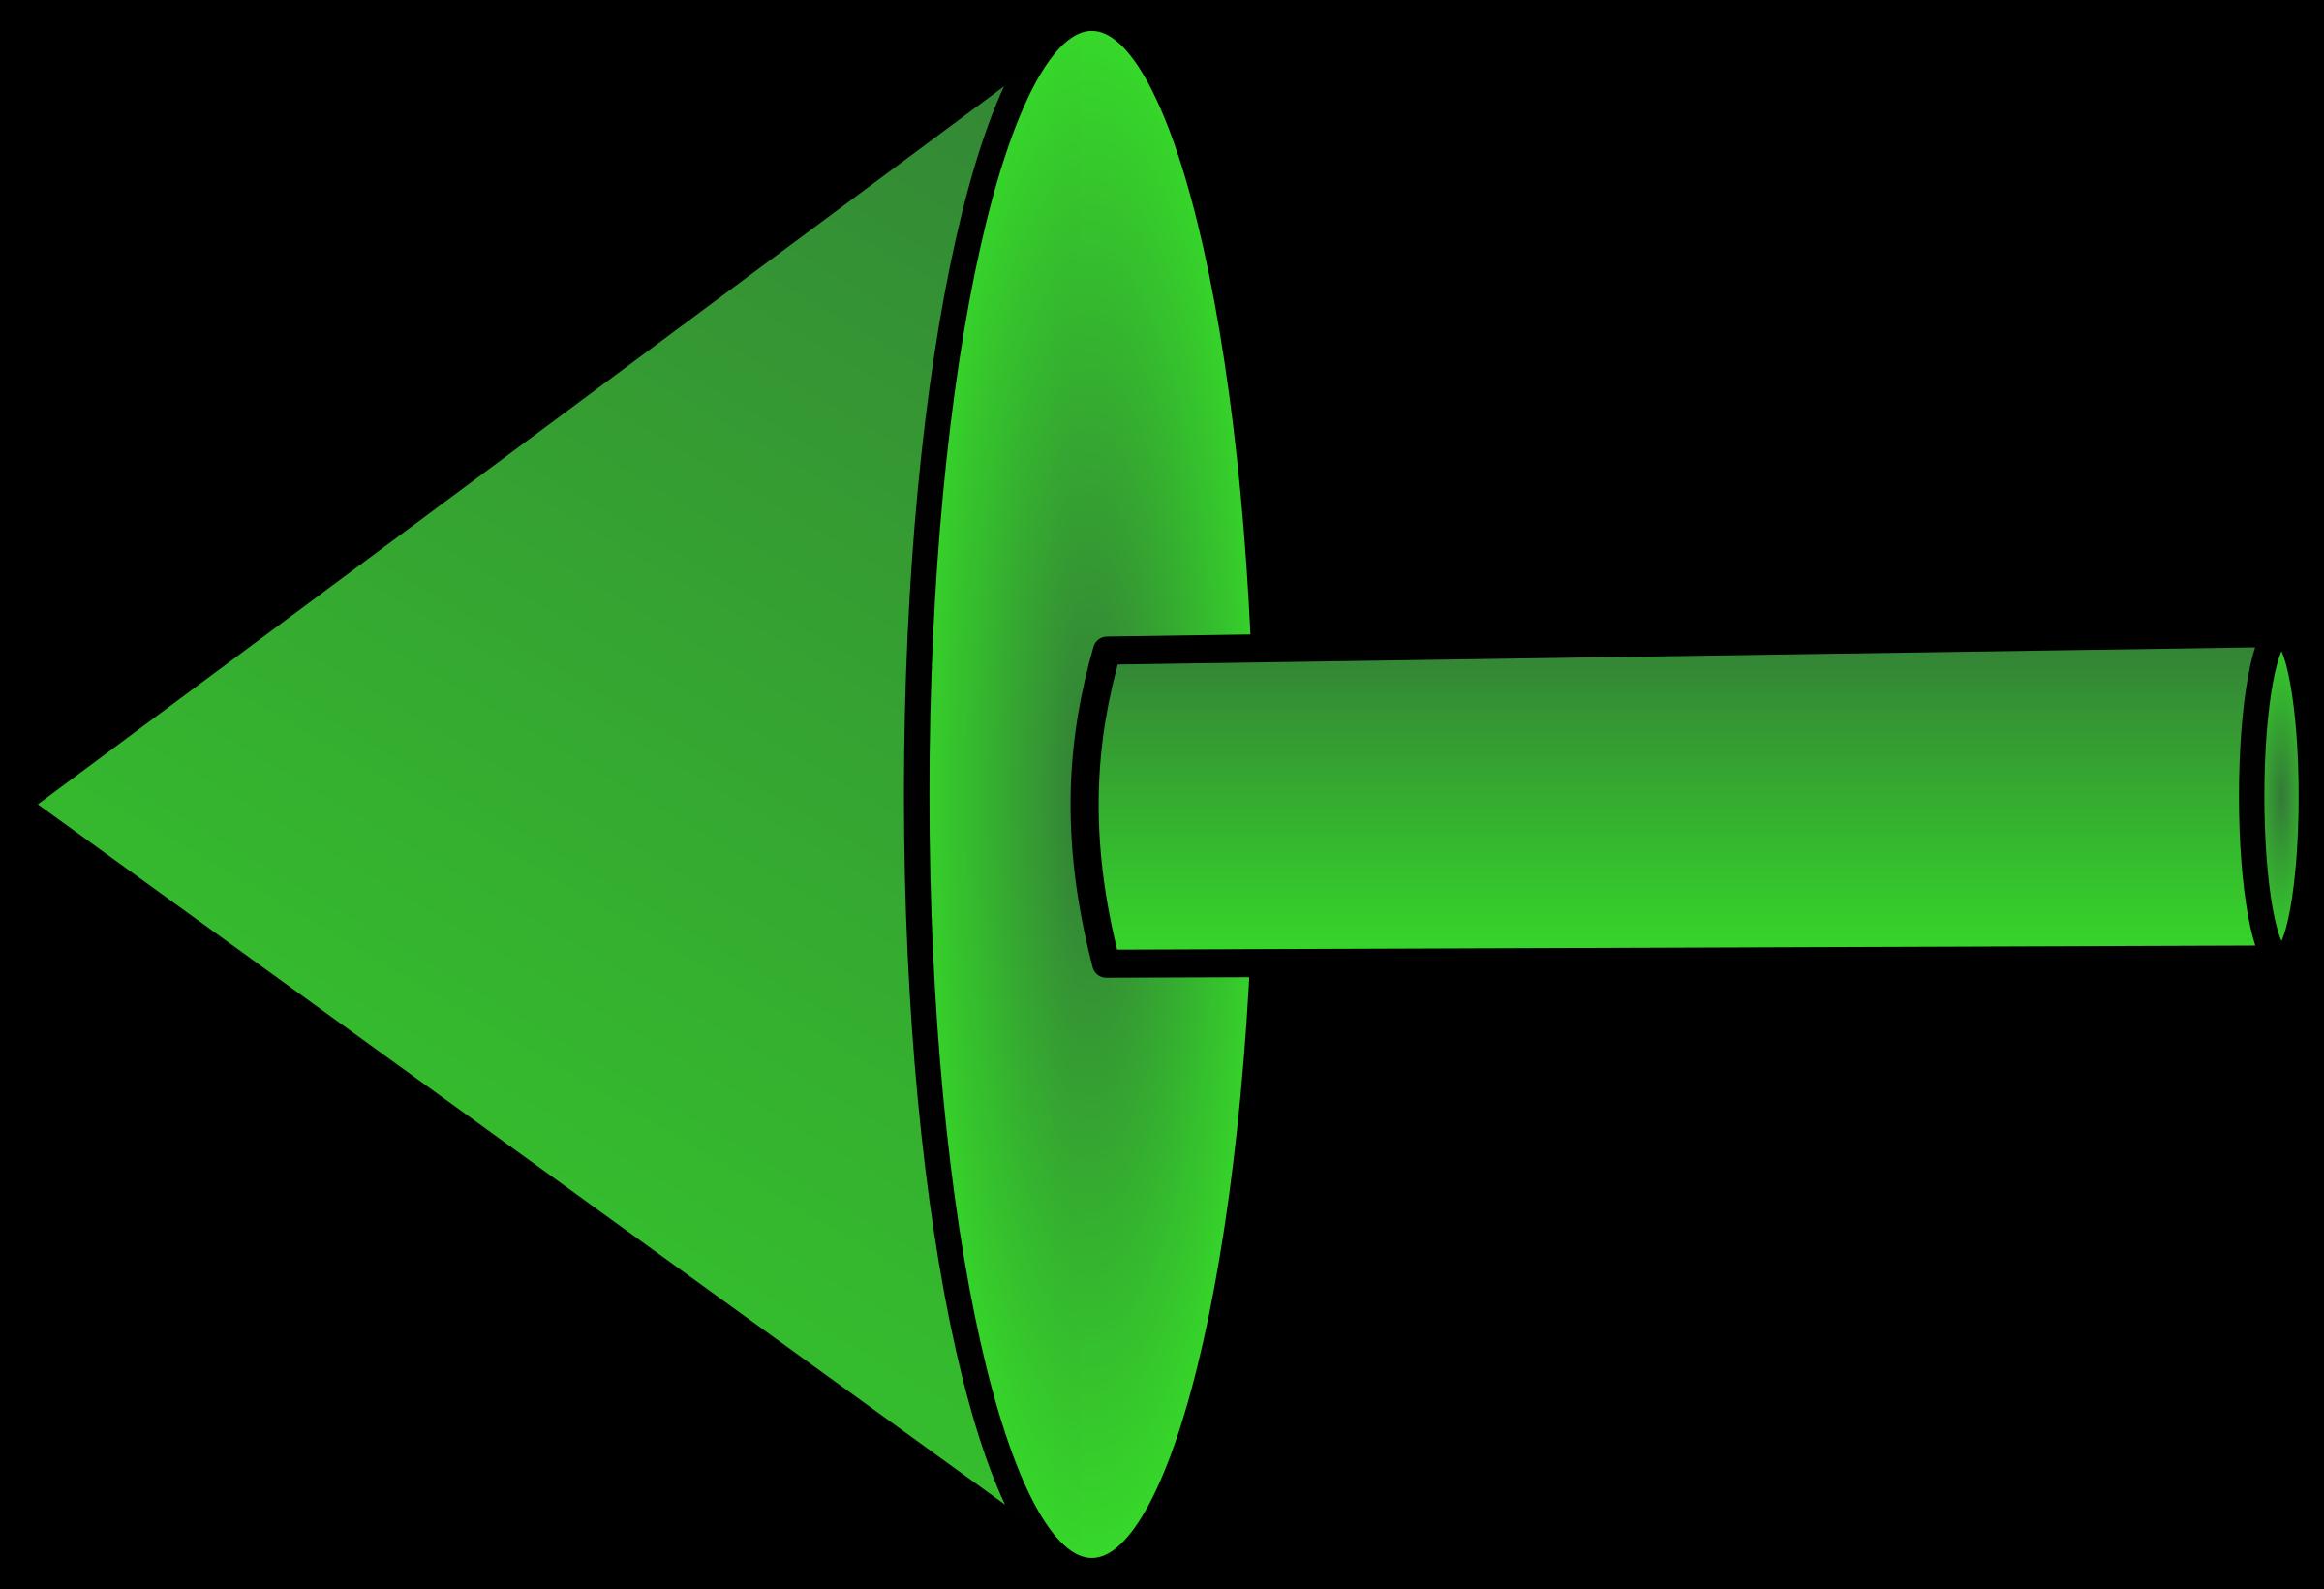 d arrow left. Clipart arrows wave